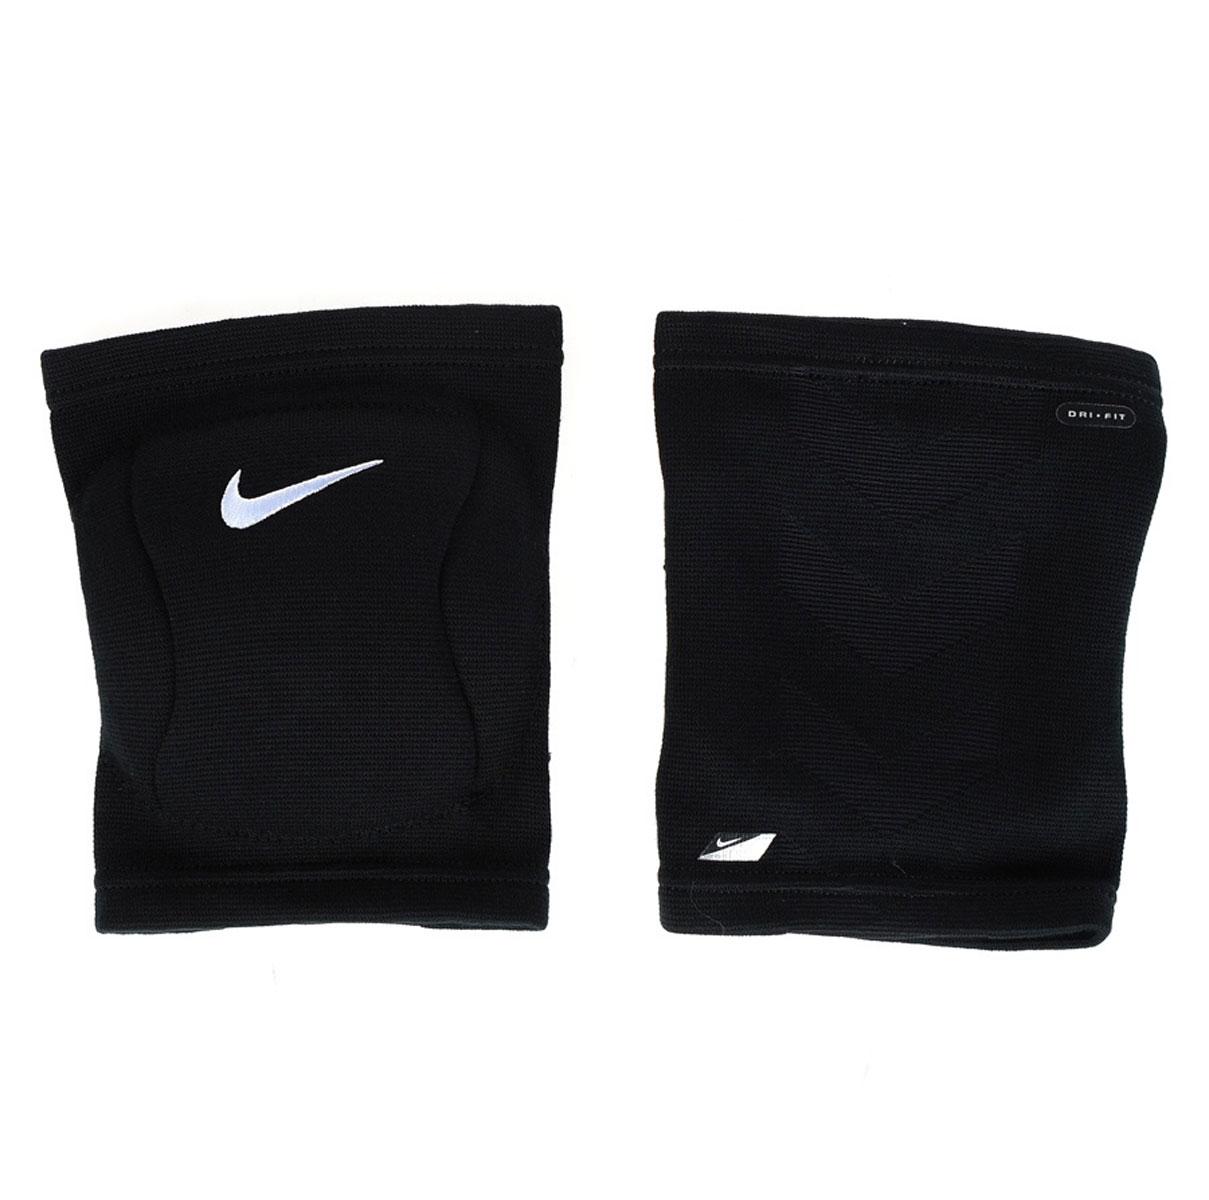 Наколенник Nike, цвет: черный. Размер L/XL28263272Наколенник Nike для волейбола выполнен из высококачественного материала. В составе - вспененная резина, не натирают, комфортно сидят на ноге. С внутренней стороны - мягкая подкладка. Не стесняет движения. Очень легкие и плотно обтягивают ногу.